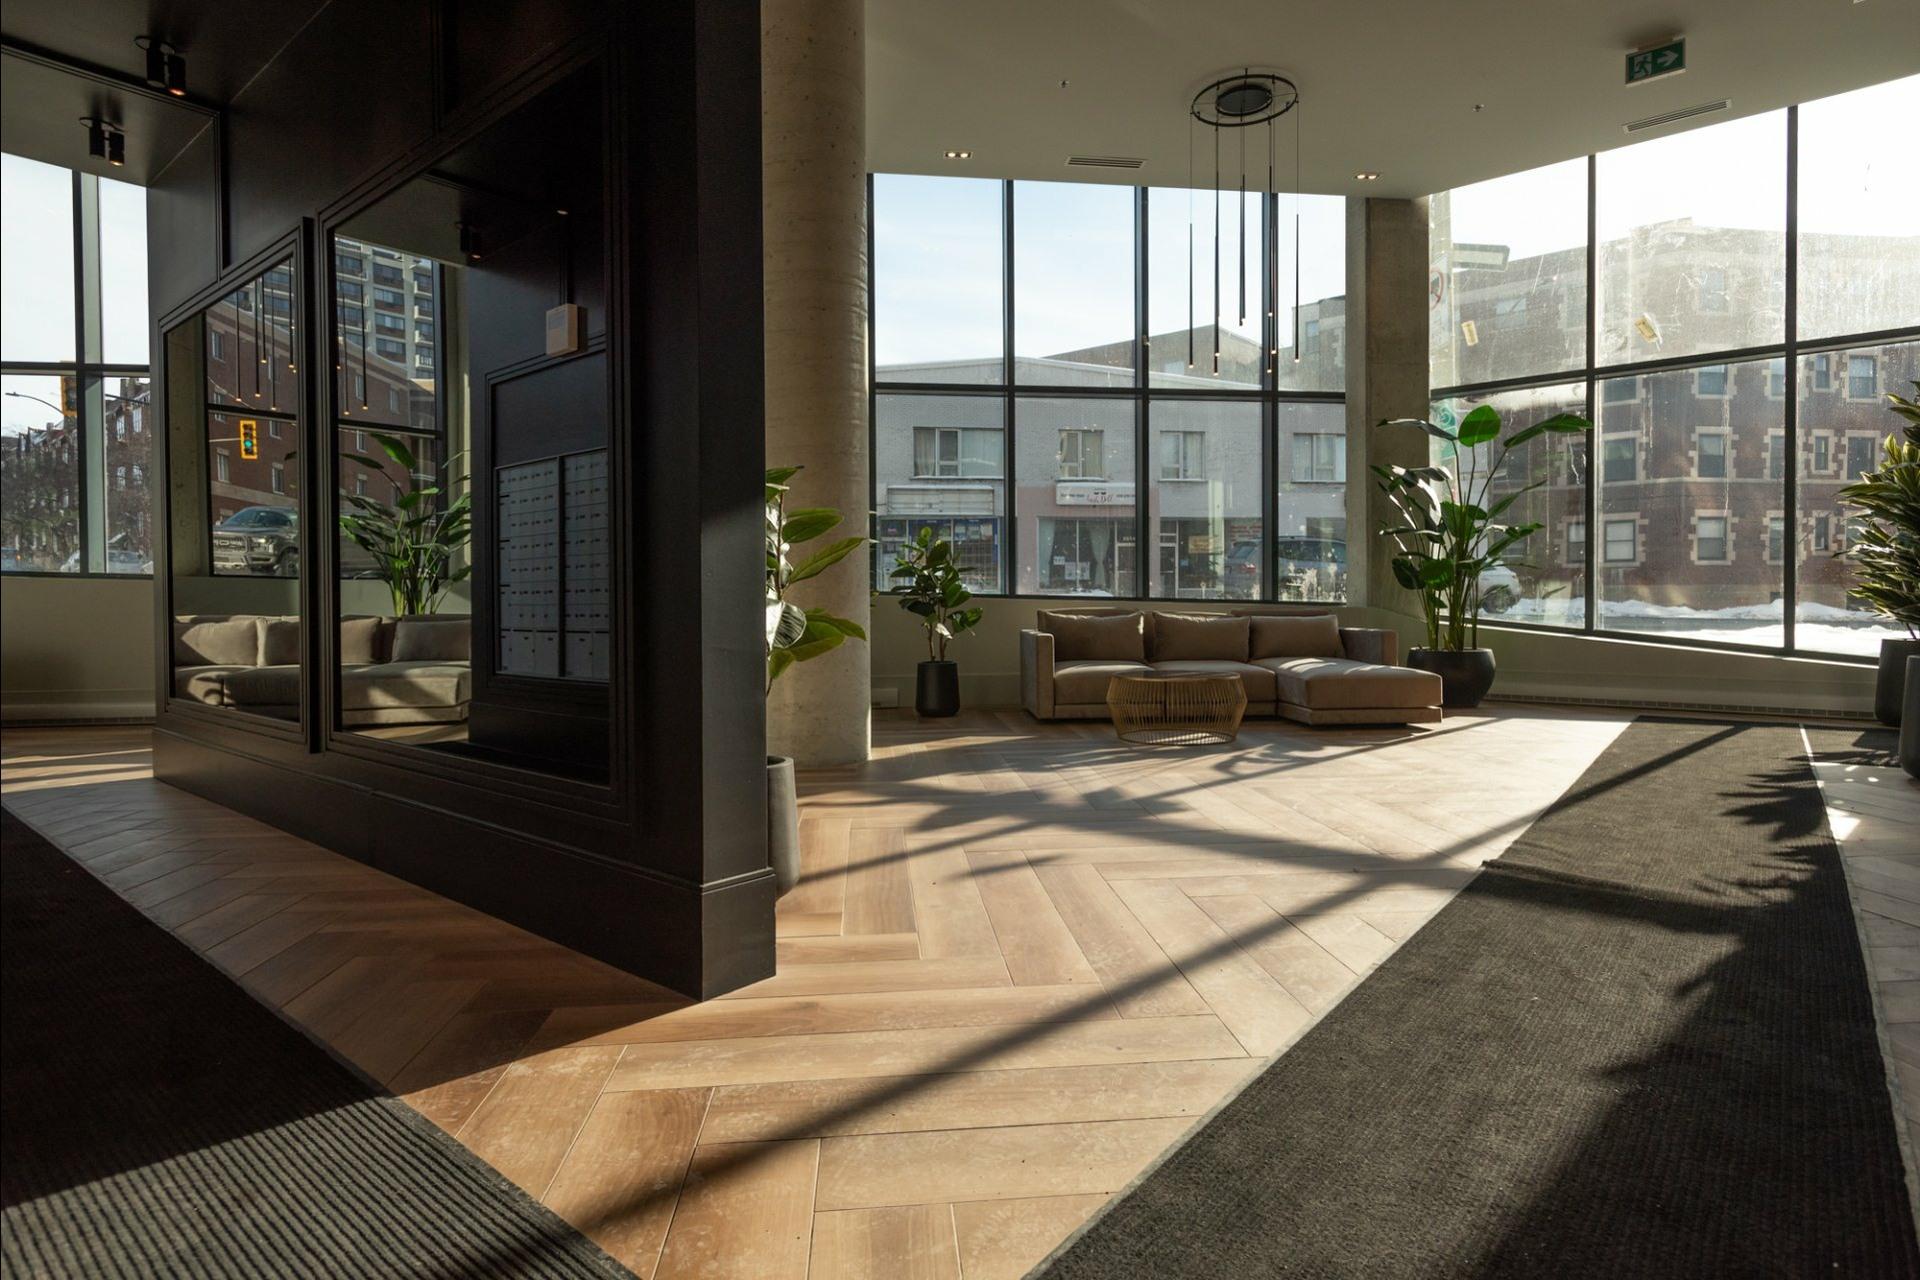 image 31 - Appartement À louer Côte-des-Neiges/Notre-Dame-de-Grâce Montréal  - 5 pièces